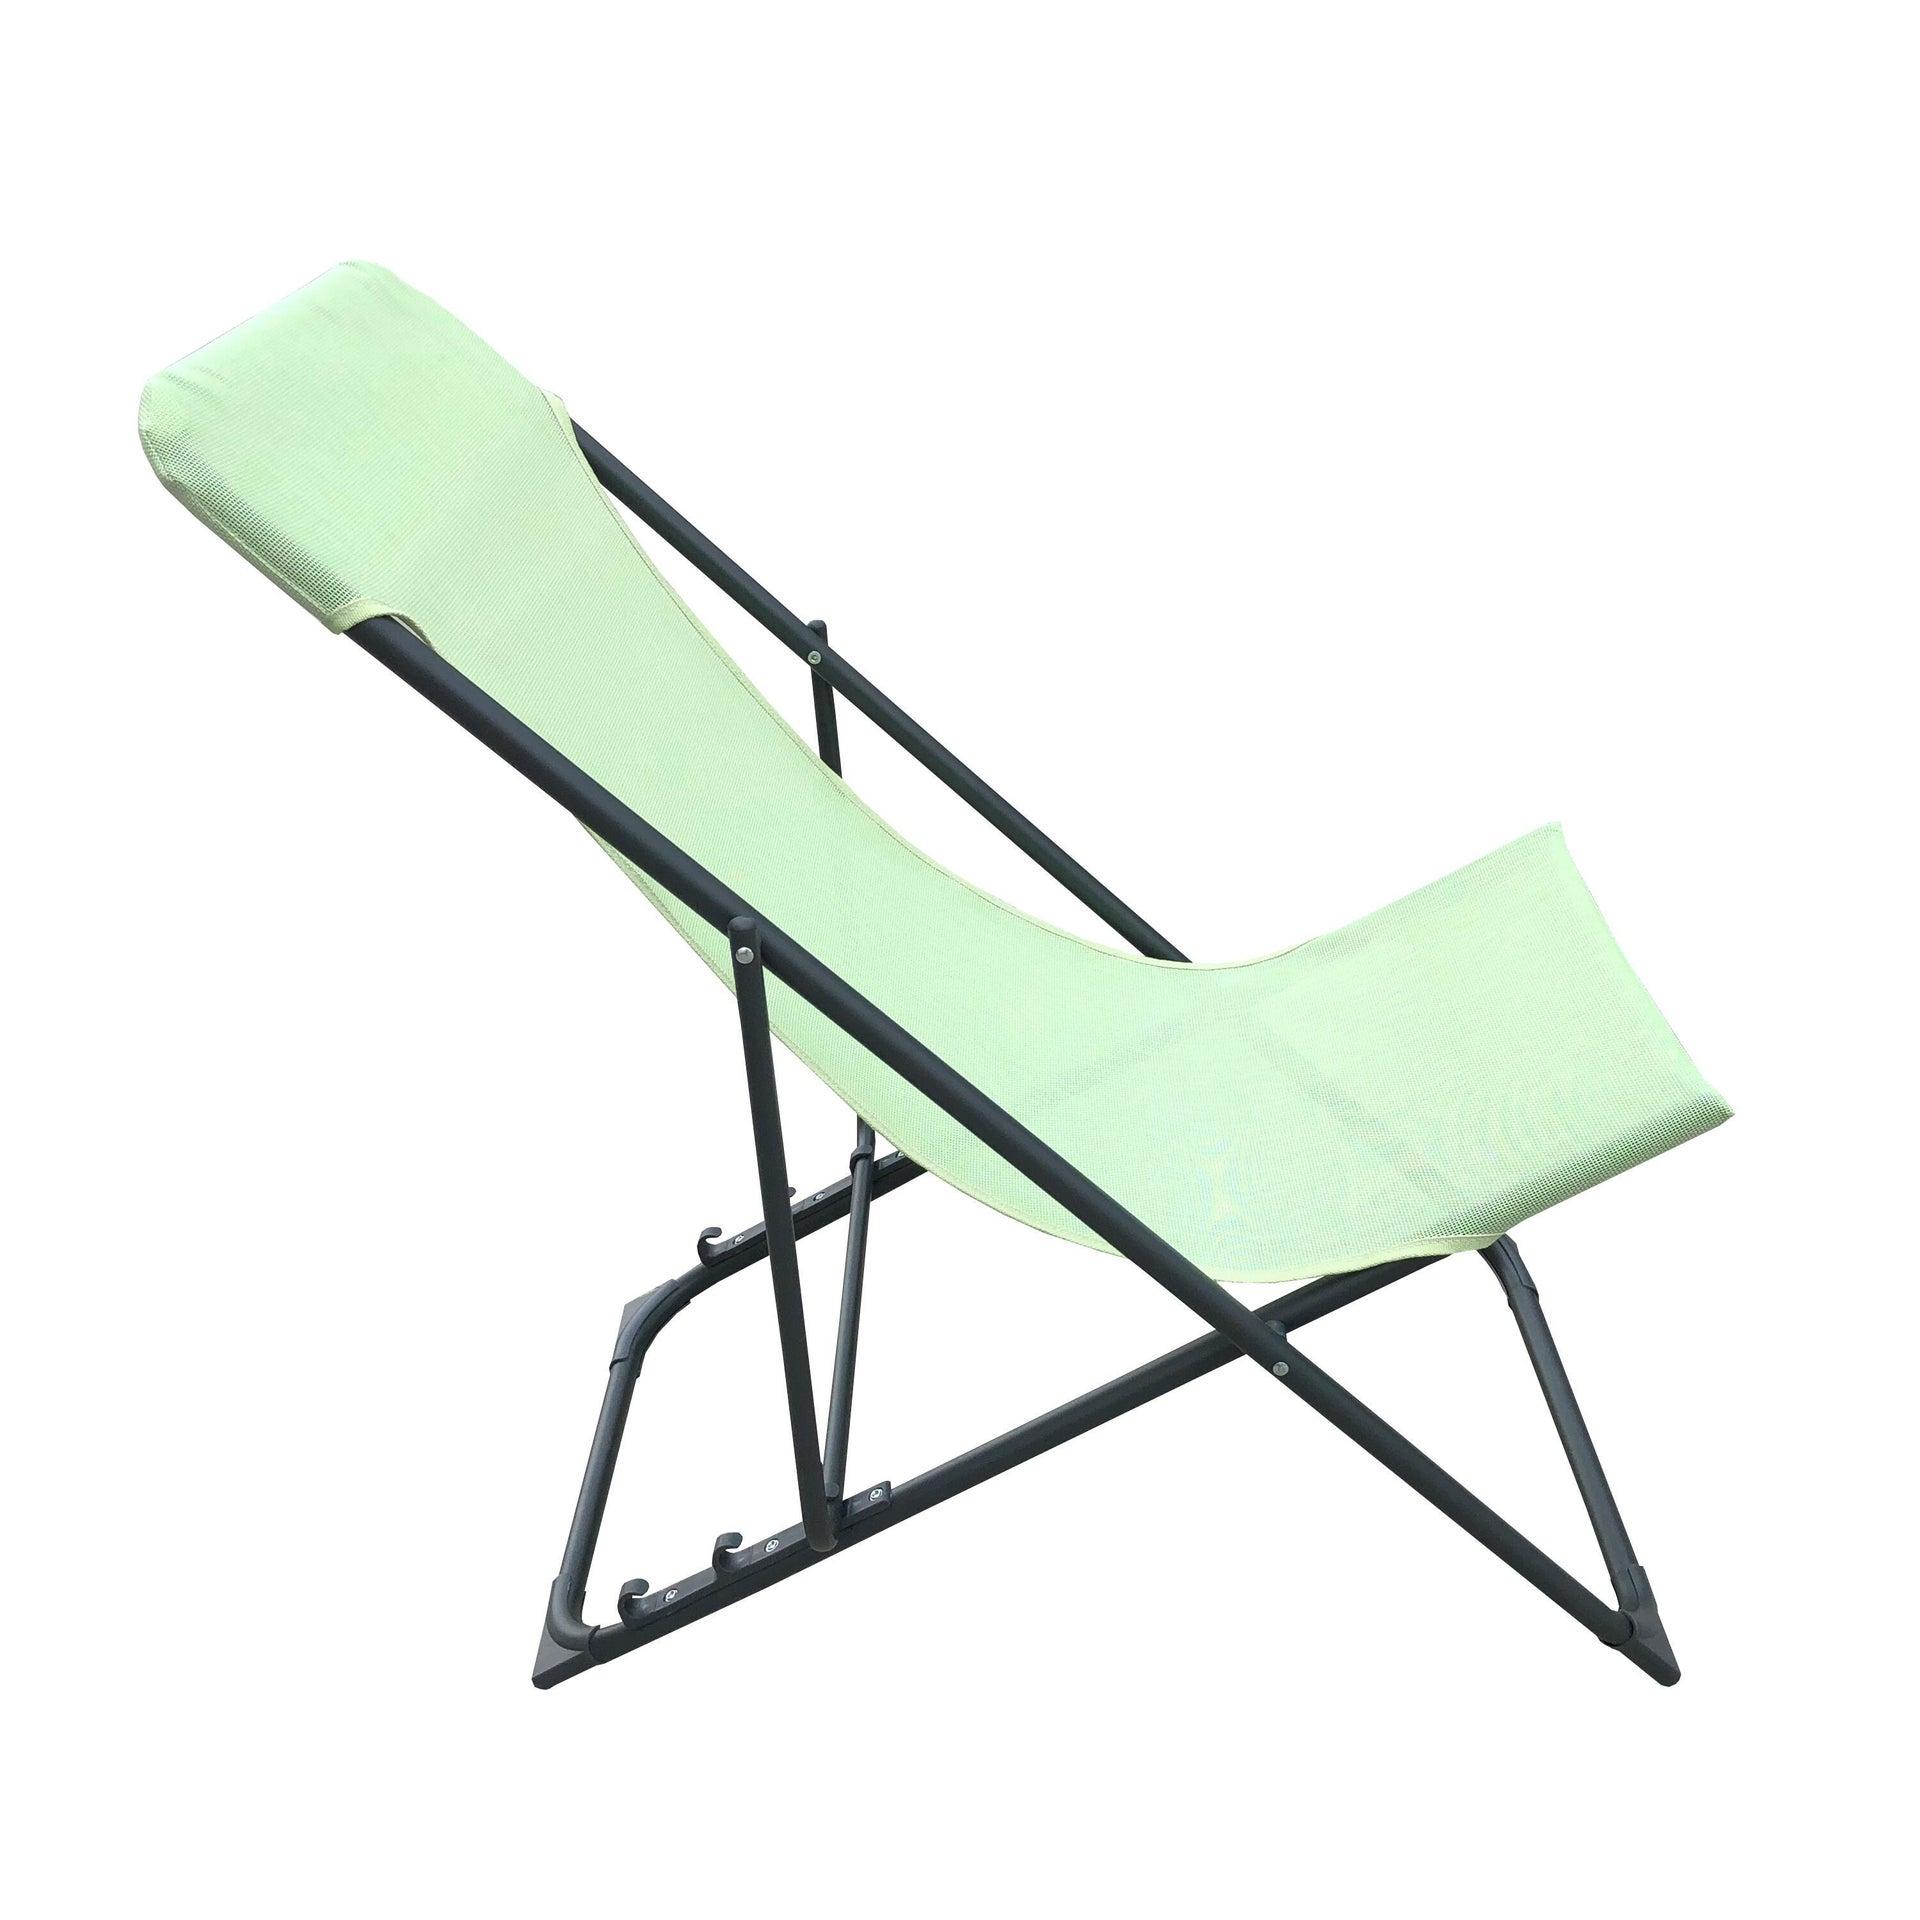 Sedia da giardino senza cuscino pieghevole in acciaio Biganos colore verde - 2